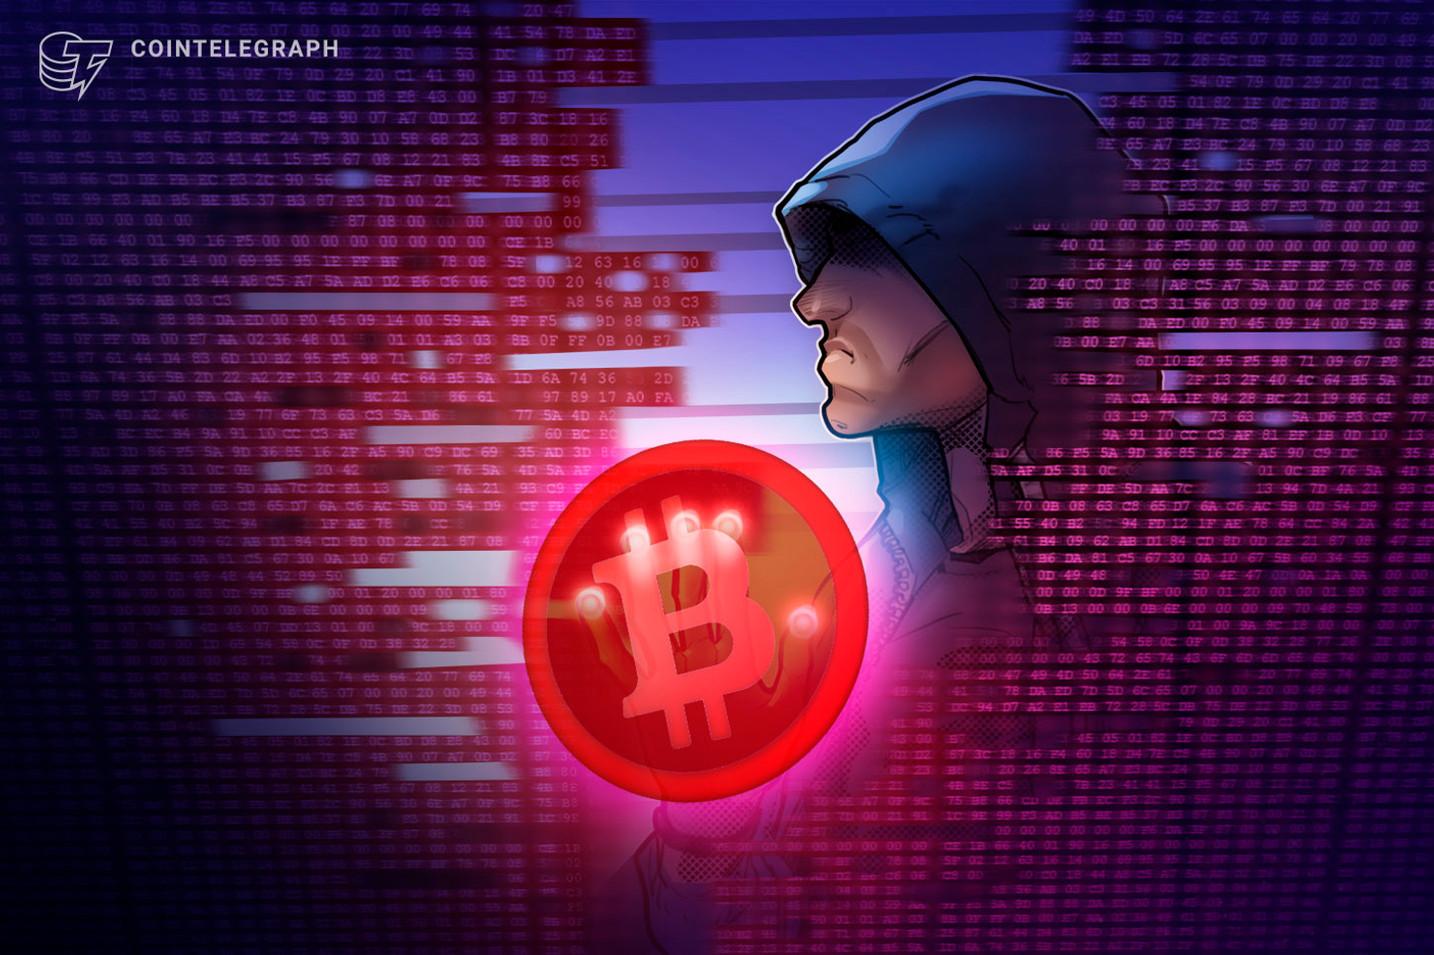 ビットコイン暴落時のビットメックスへのDDoS攻撃 仮想通貨市場に「最も大きな影響を与える瞬間を狙ったもの」